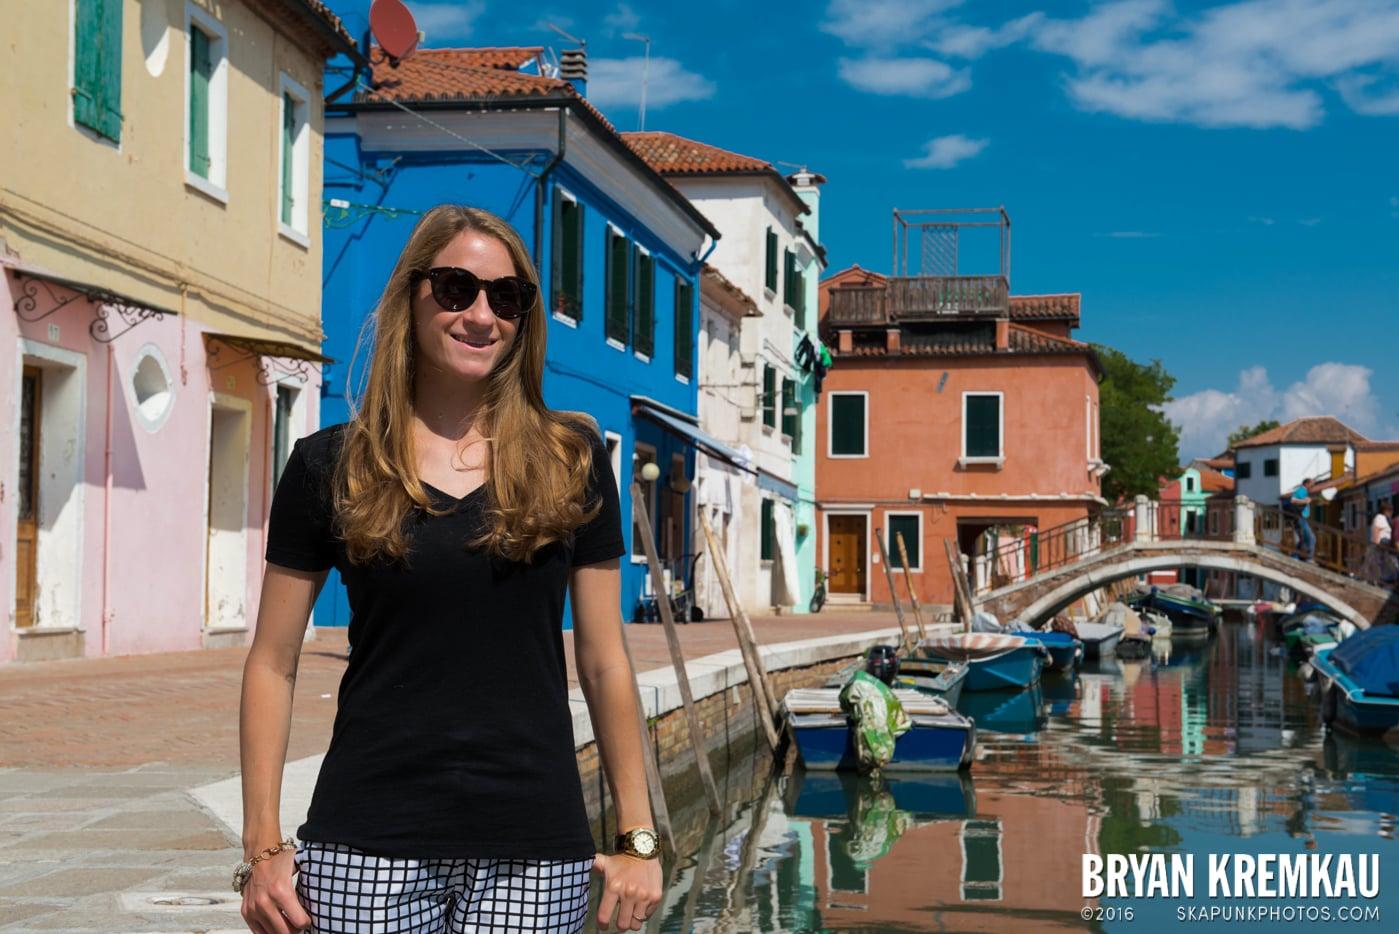 Italy Vacation - Day 6: Murano, Burano, Venice - 9.14.13 (58)